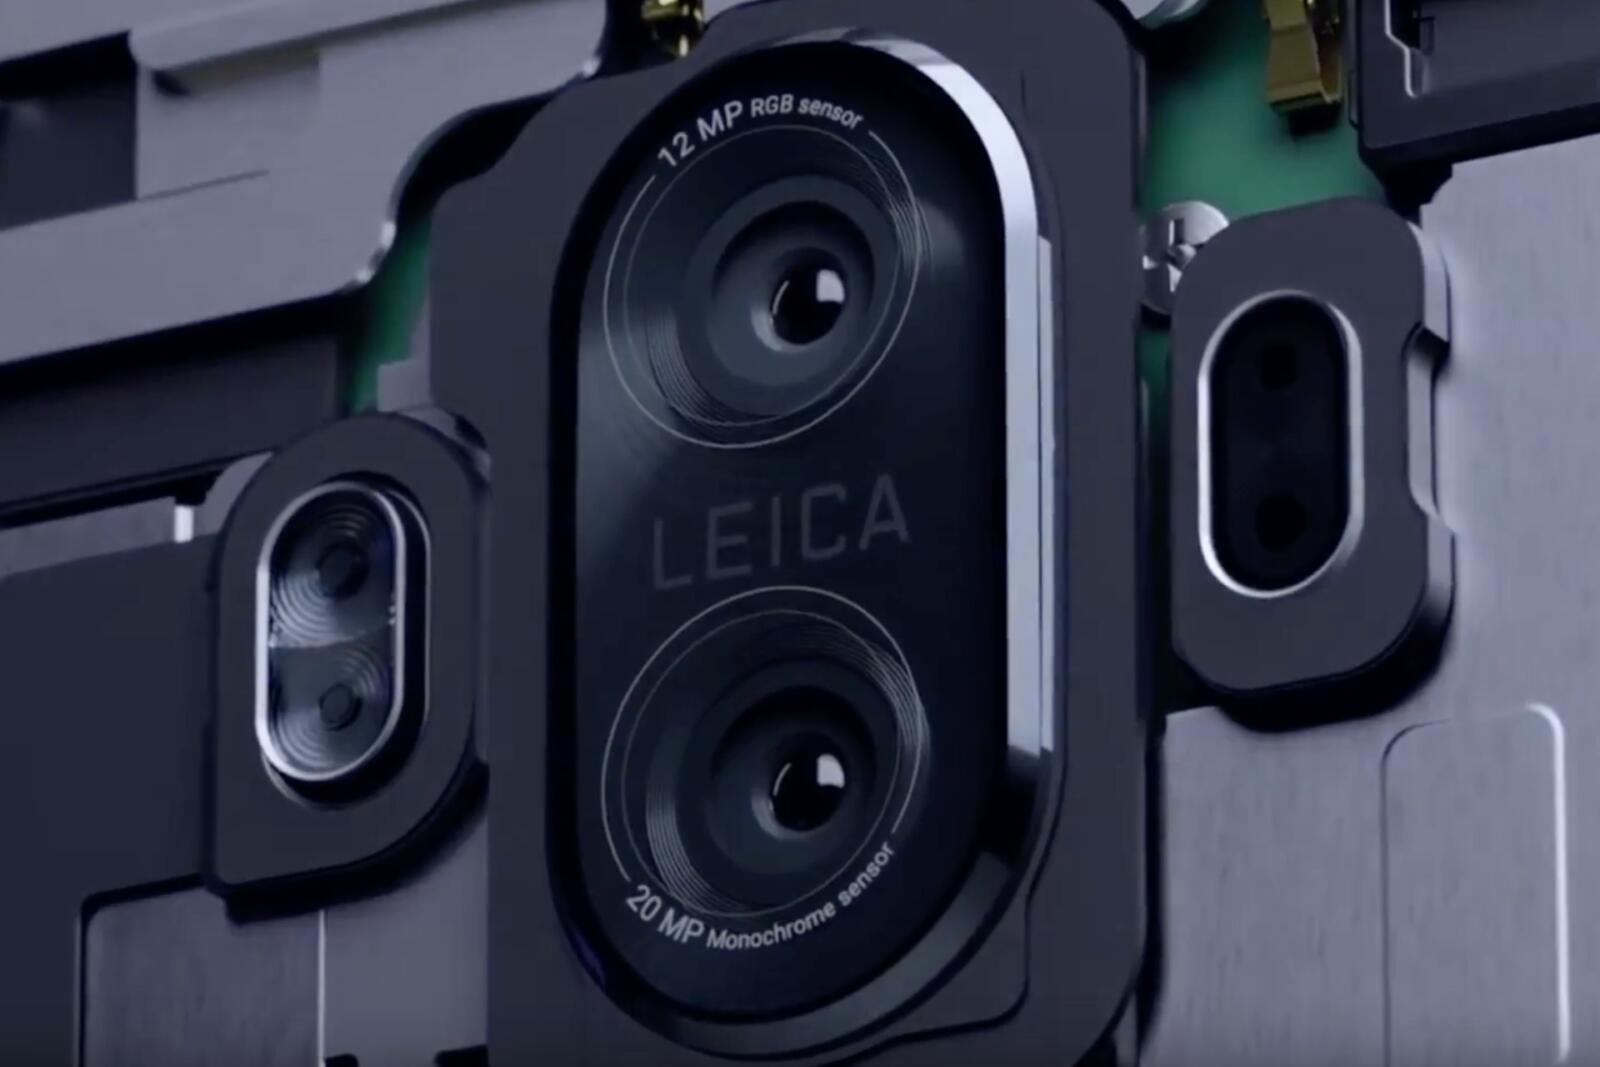 Huawei Mate 10: Erster Video-Teaser ist da, Fokus auf die Kamera